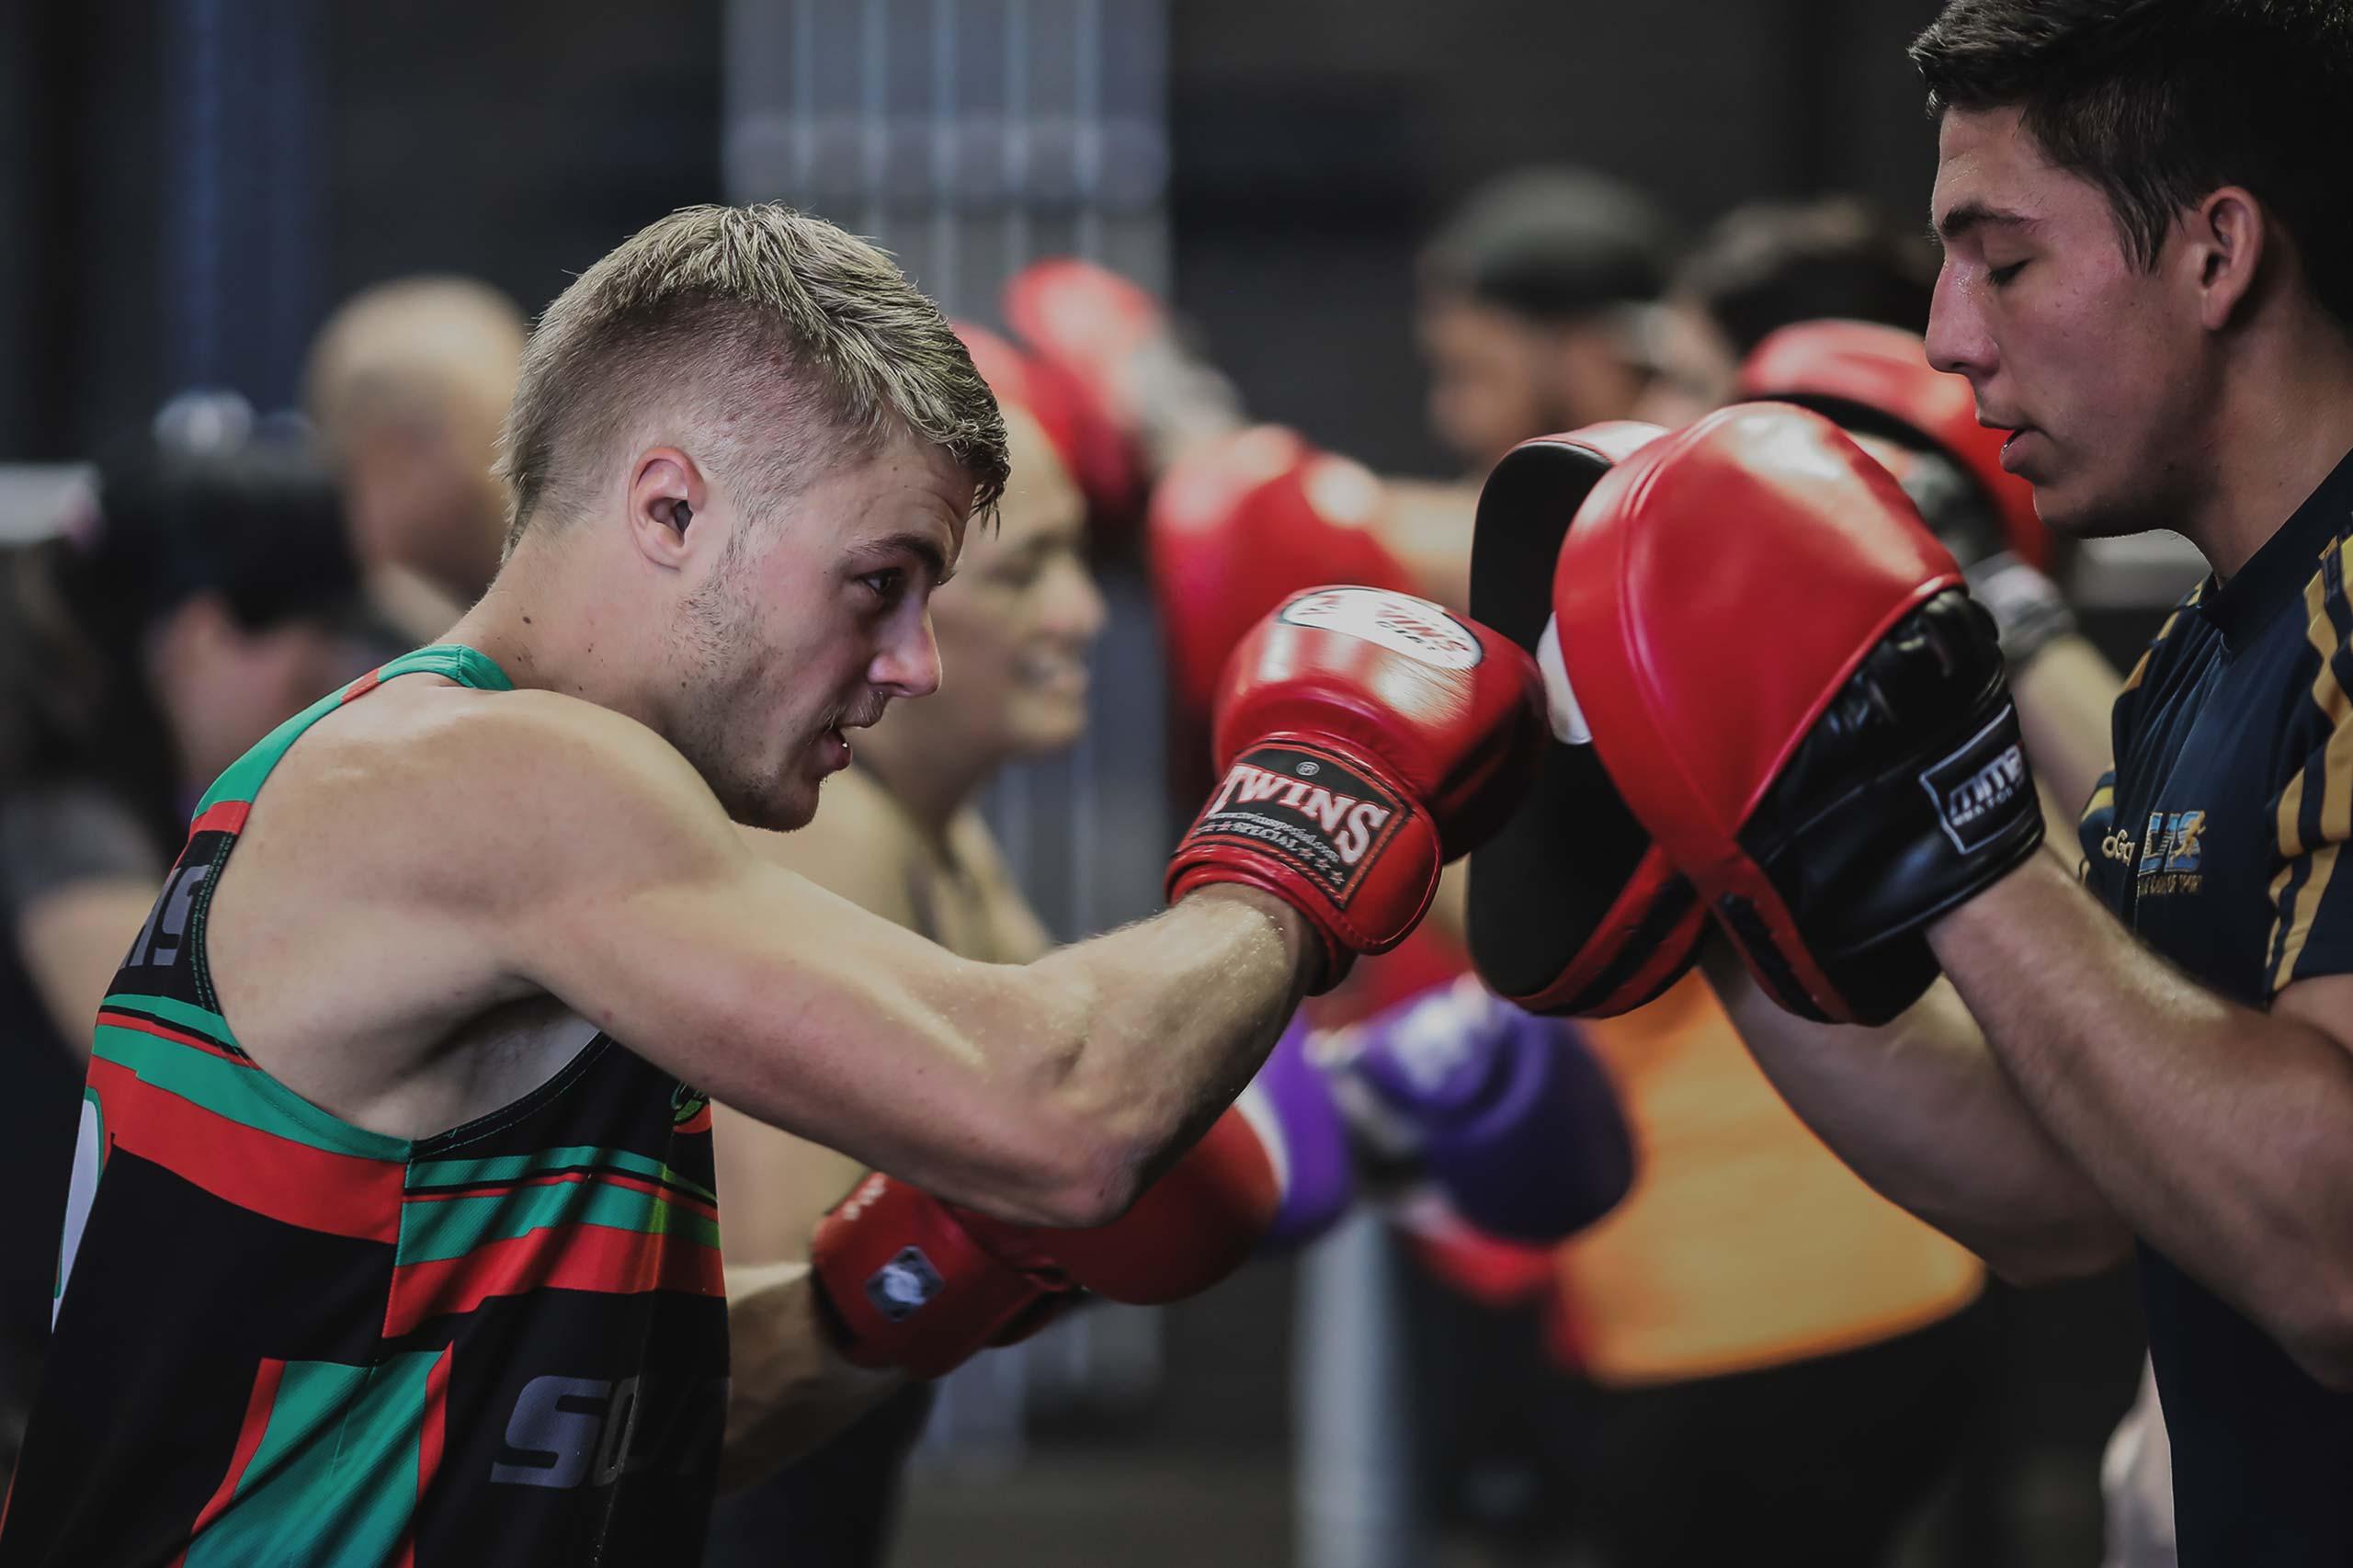 man punching boxing pads at vale tudo